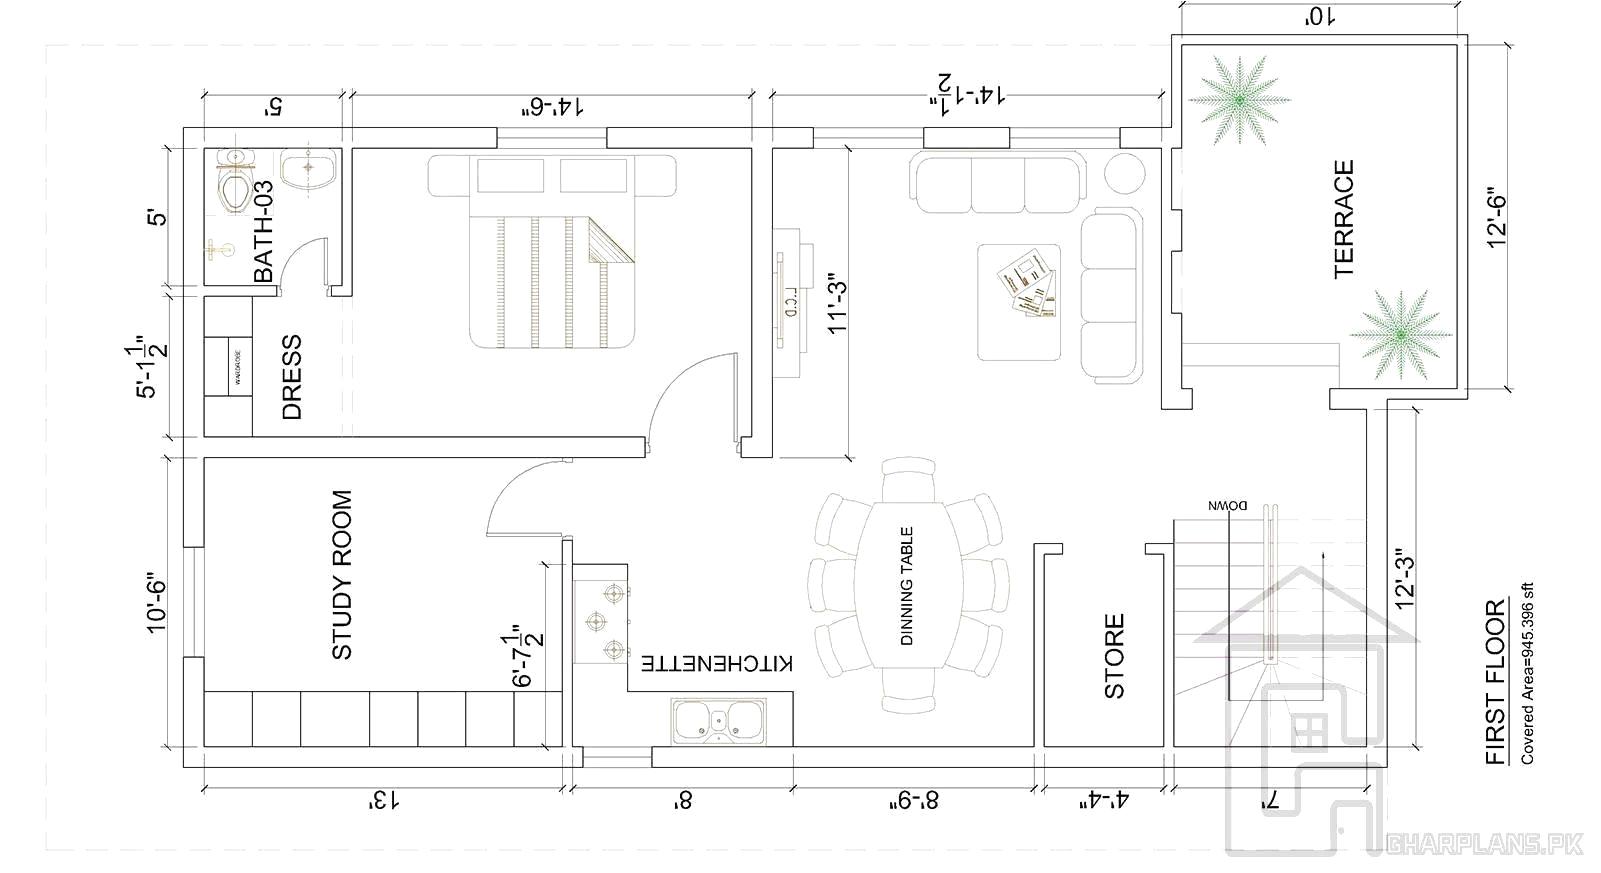 3 bedroom rv floor plan beautiful 2 story 4 bedroom floor plans fresh 2 bedroom home